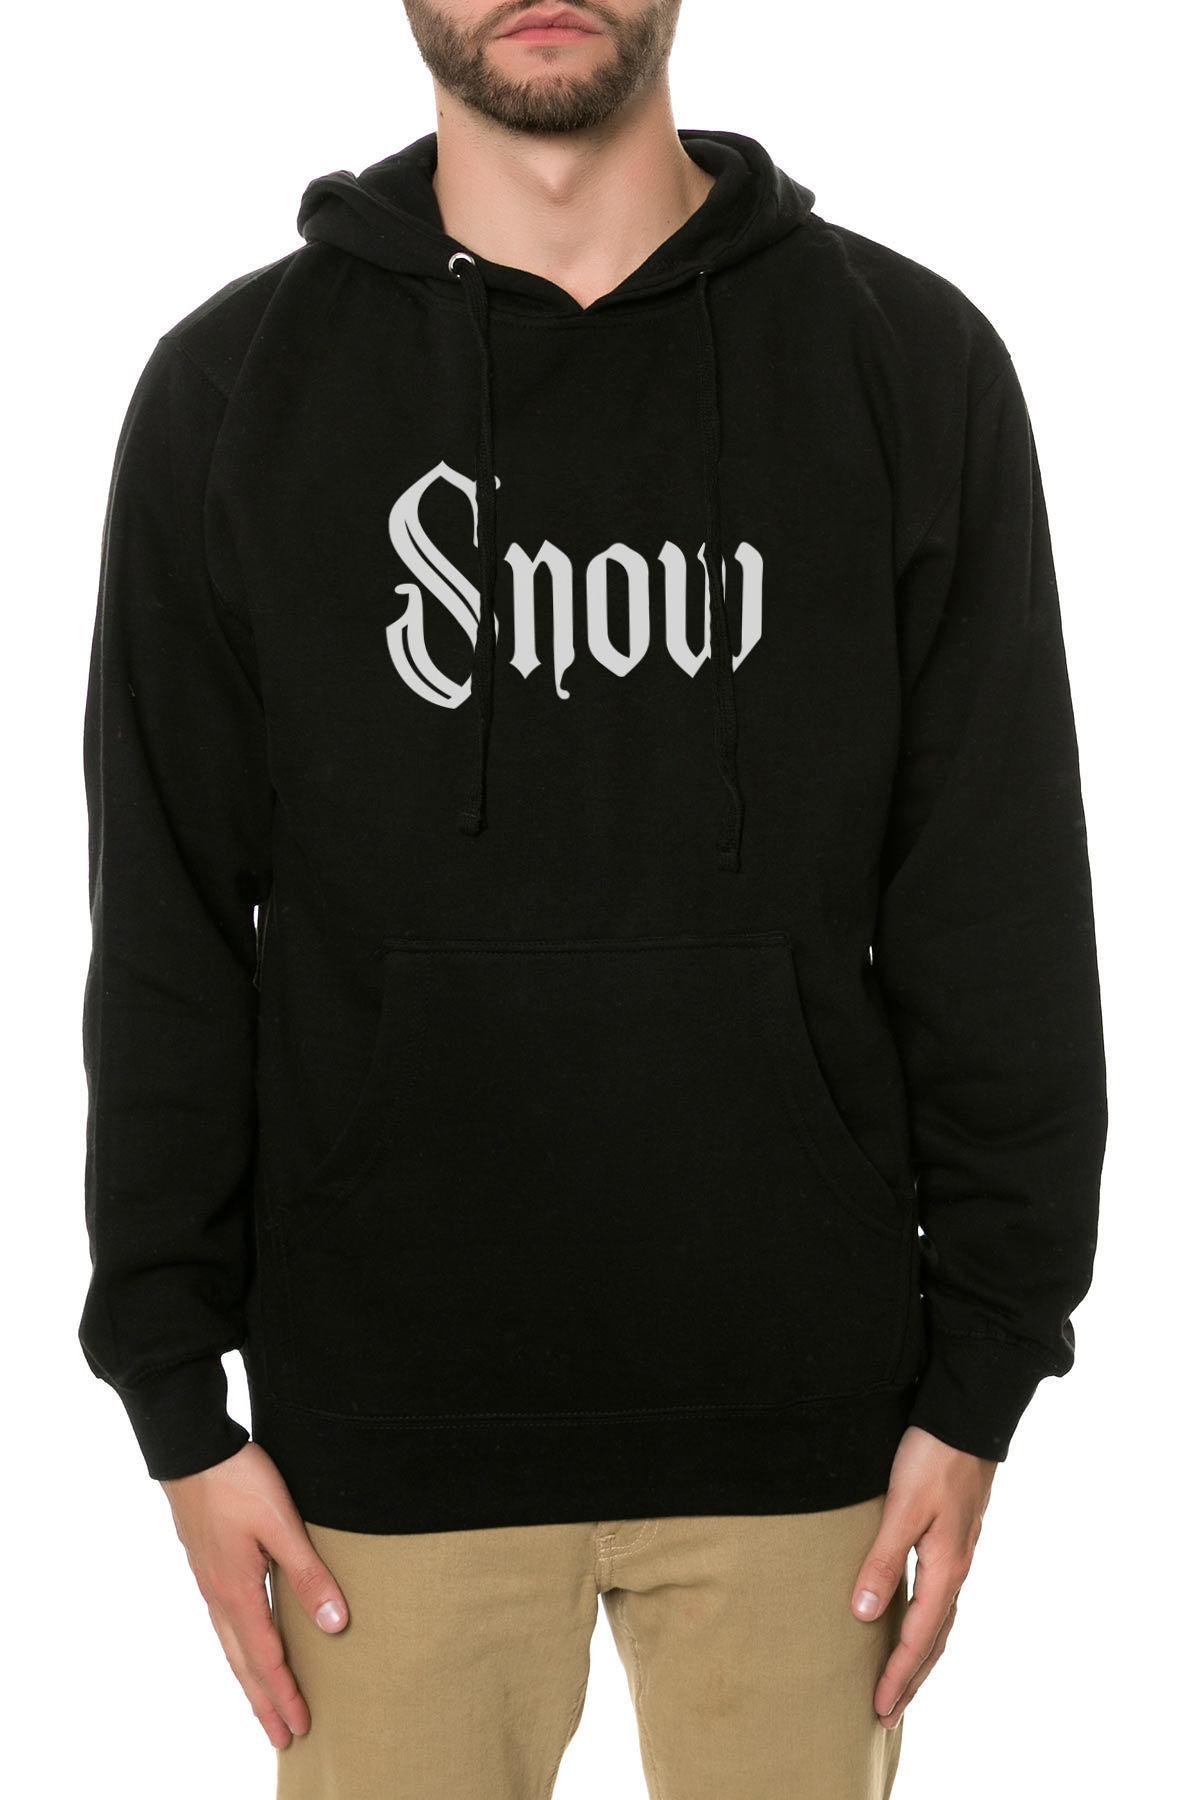 Image of The Snow Girl Hoodie in Black